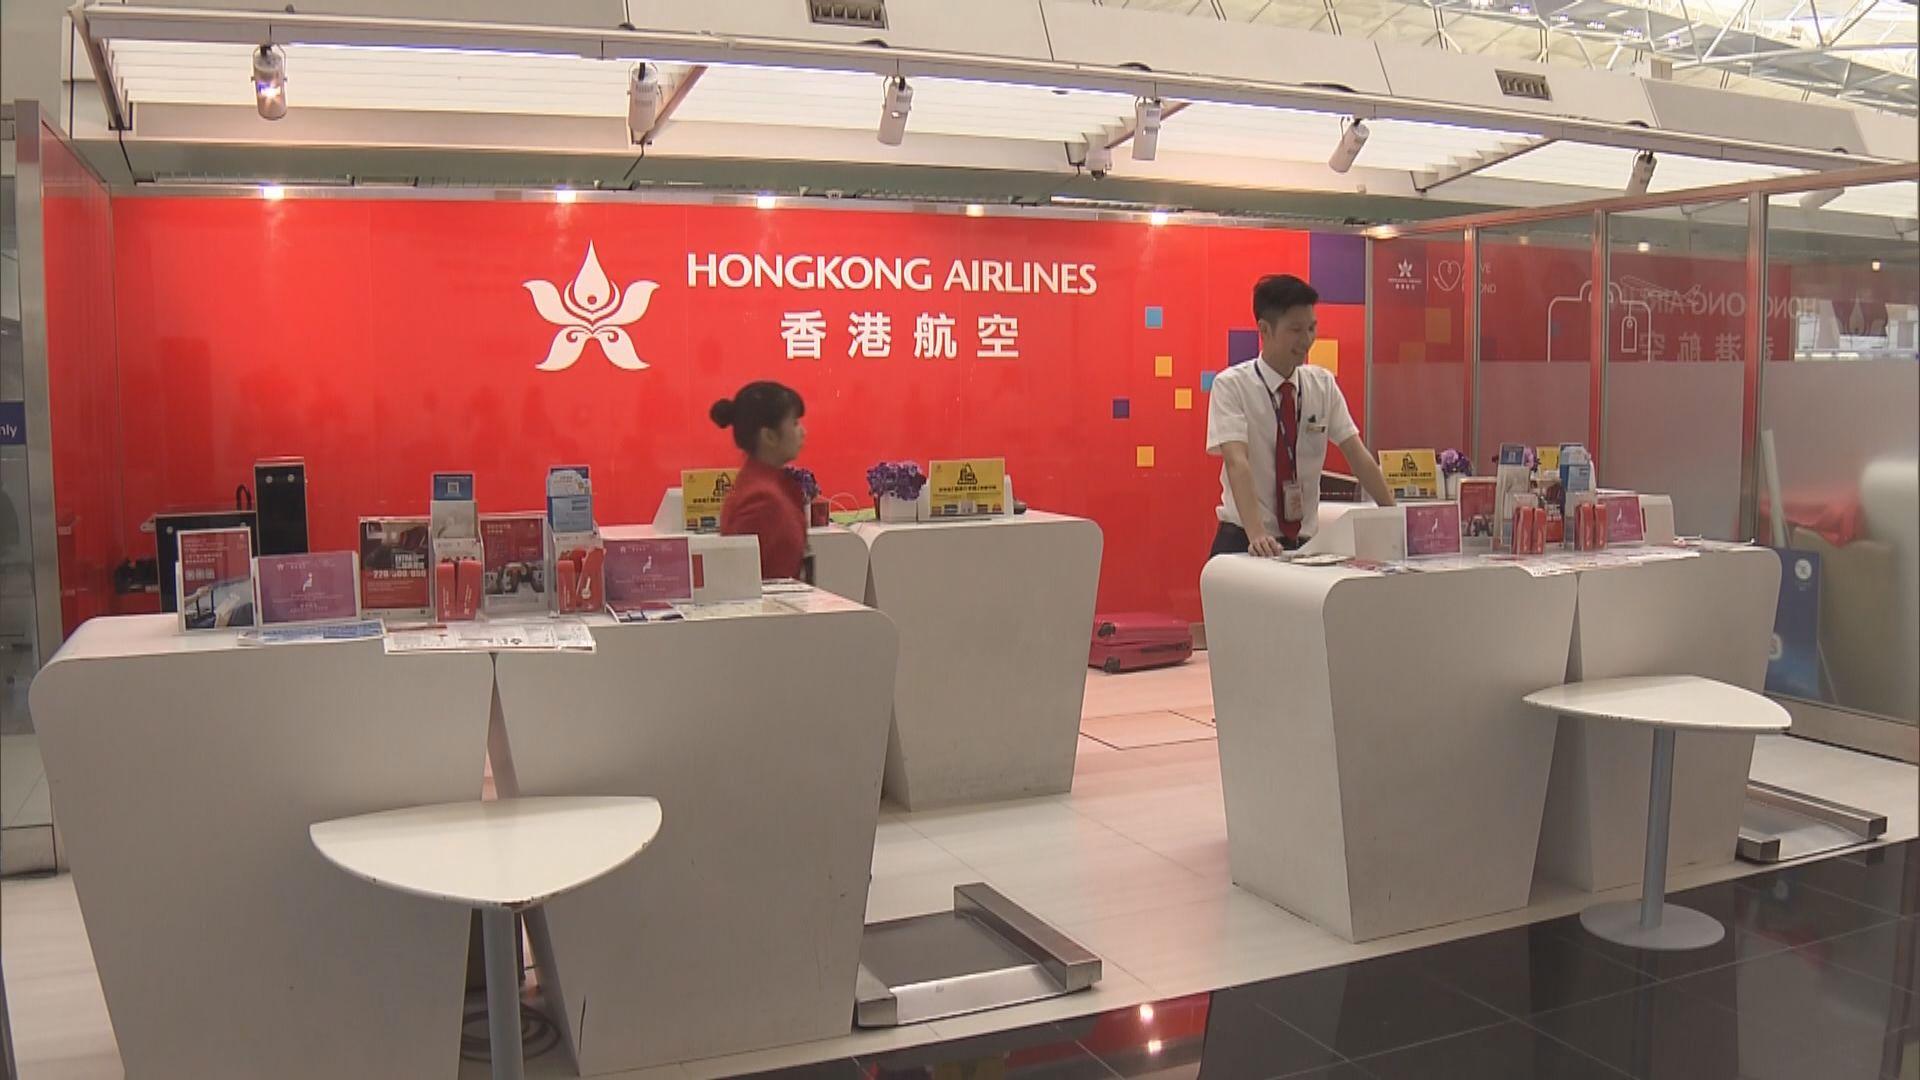 香港航空稱受疫情影響 即時解僱250名機組人員